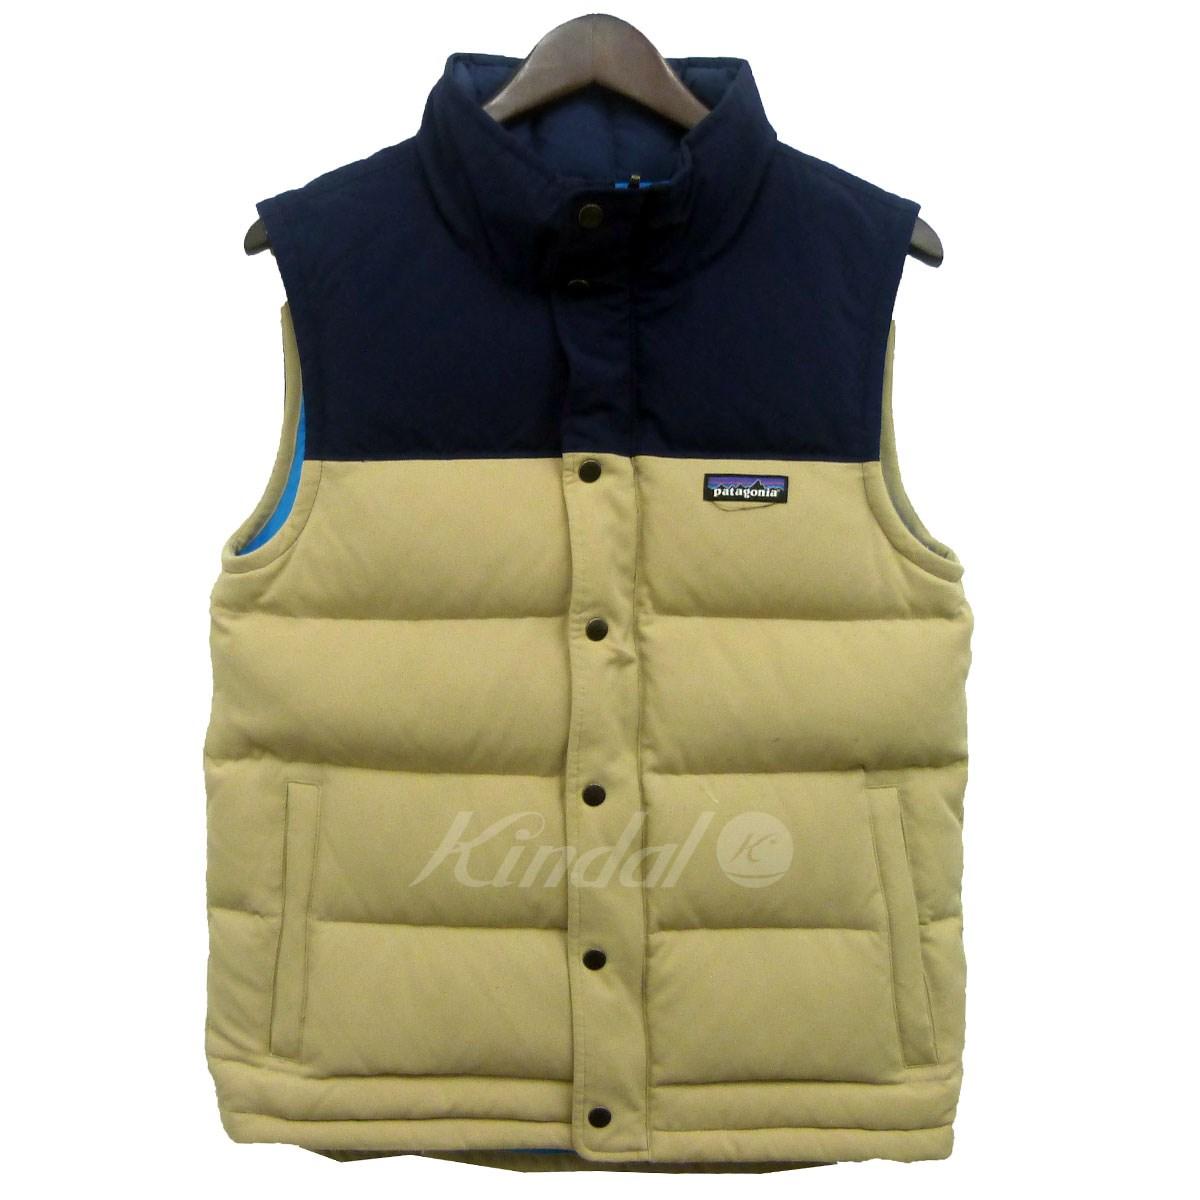 【中古】patagonia 「Bivy Down Vest」ダウンベスト ベージュ×ネイビー サイズ:XS 【送料無料】 【031118】(パタゴニア)